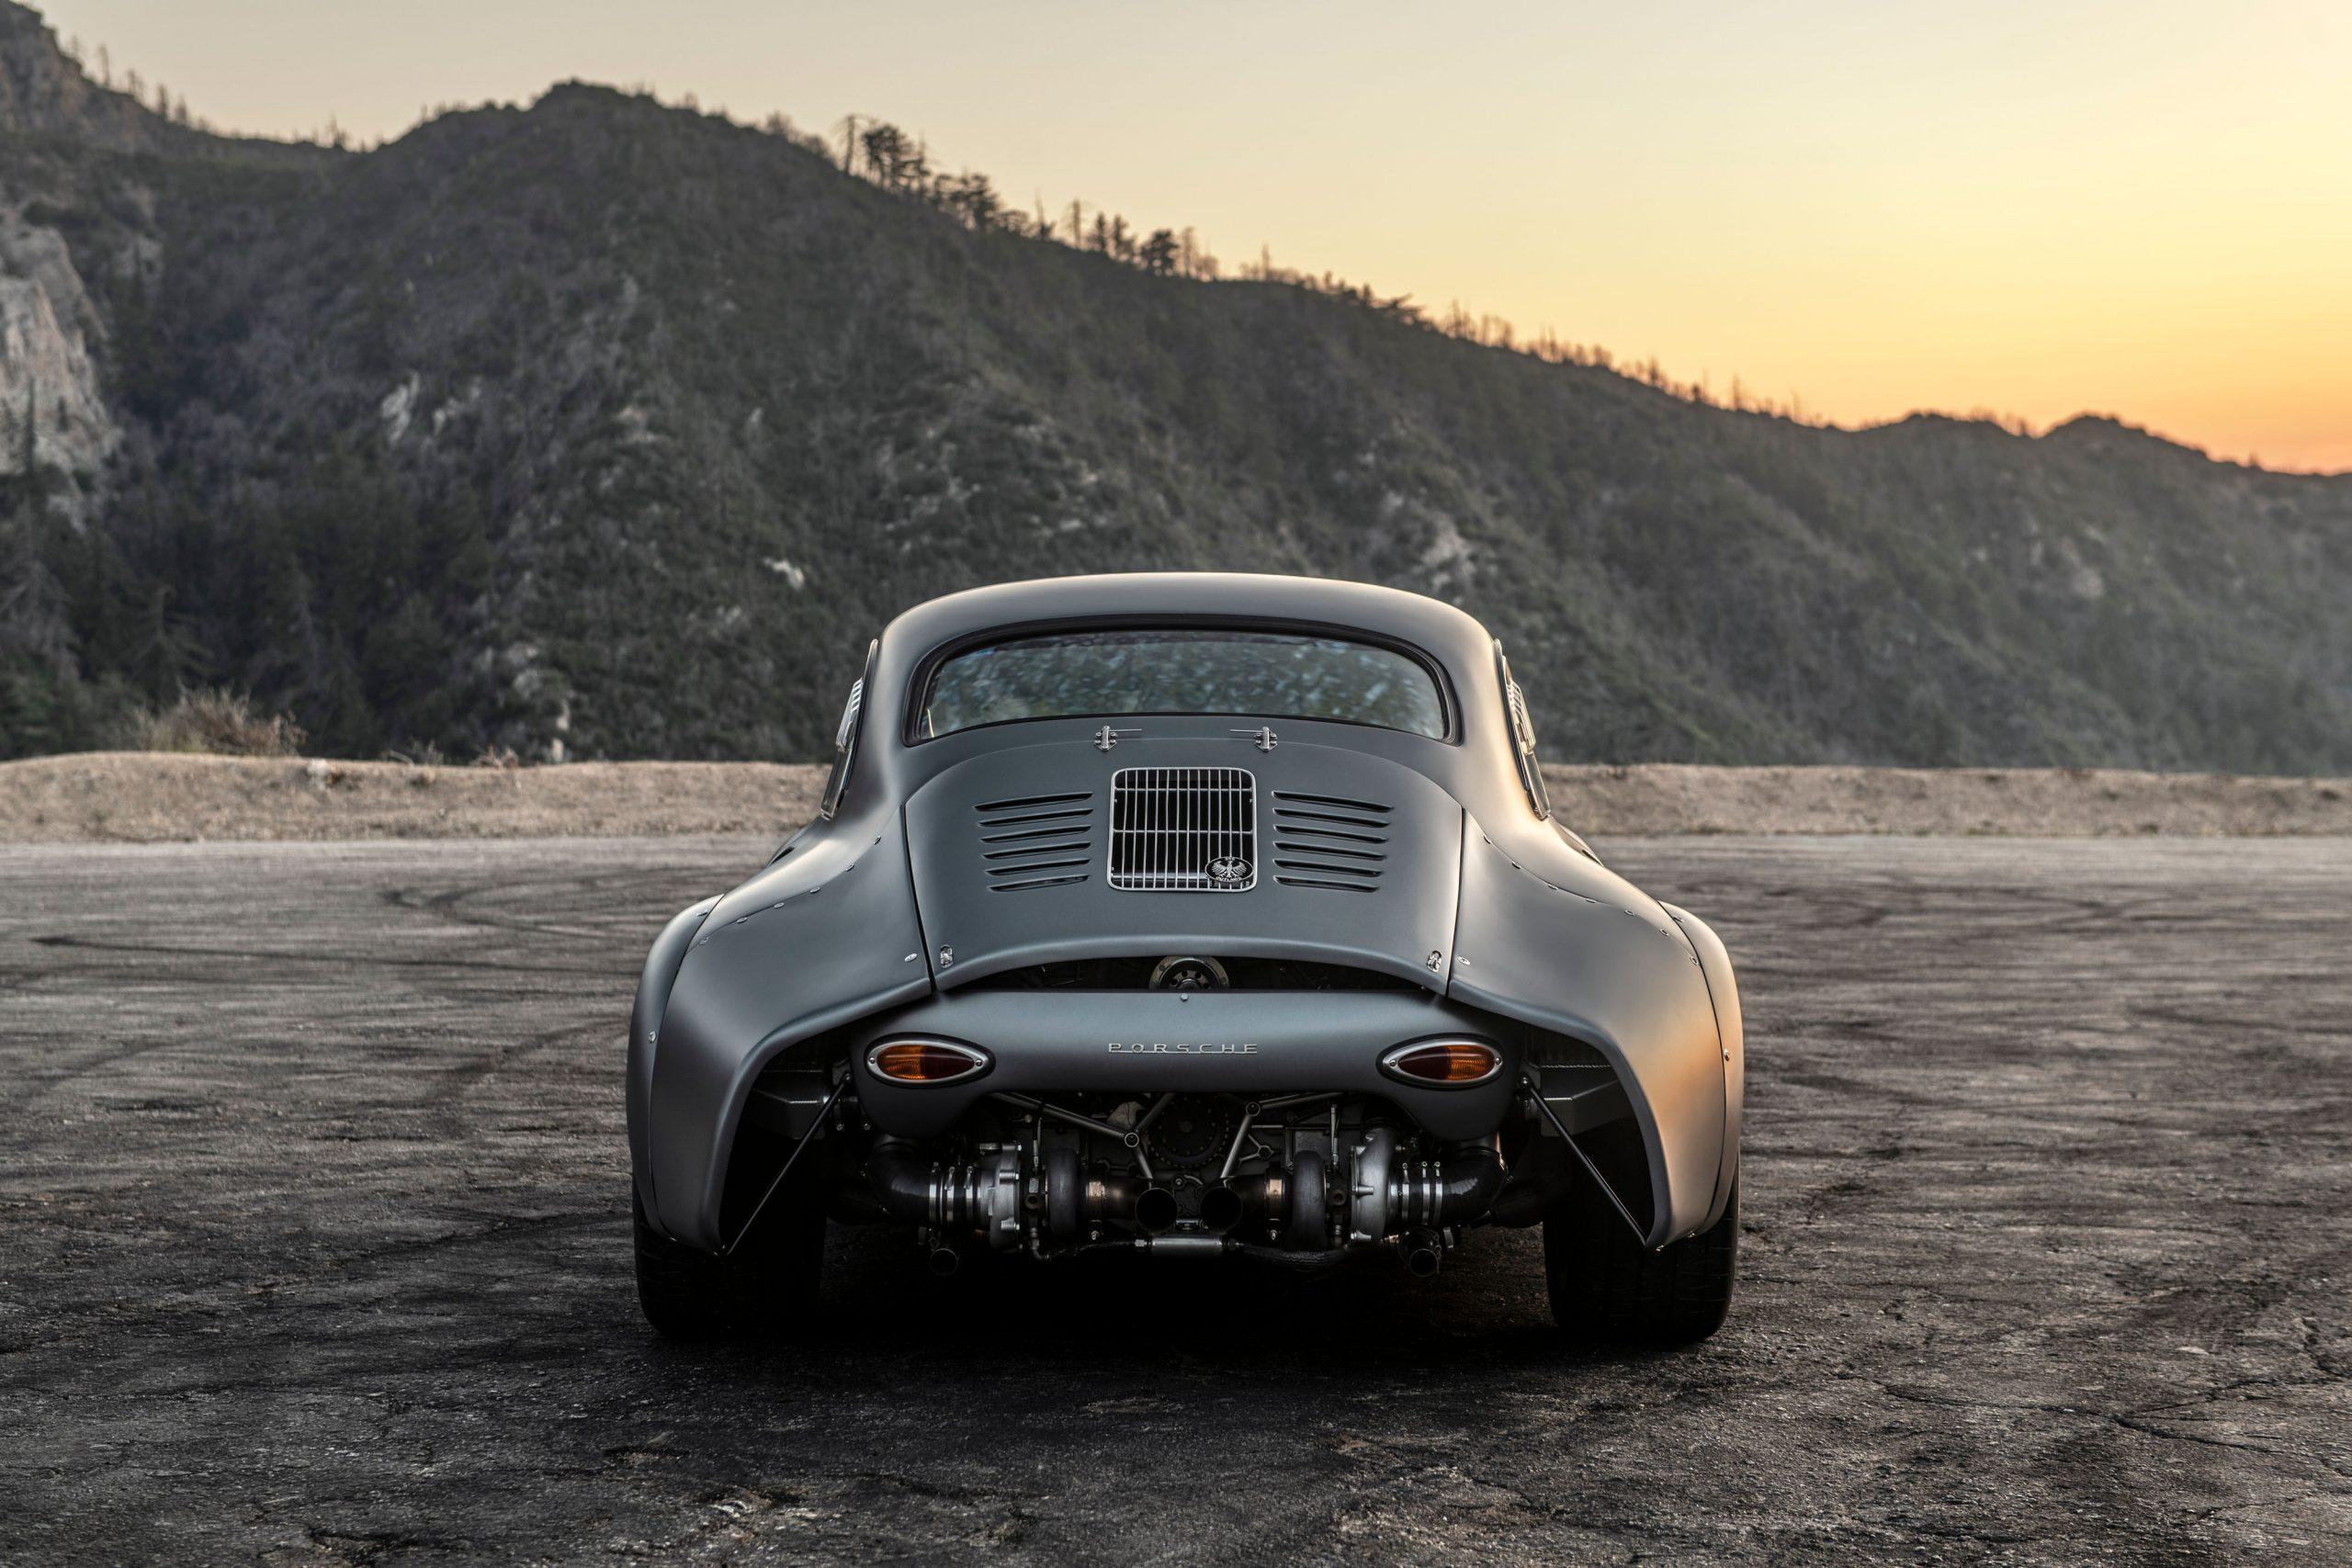 1960-Porsche-356-RSR-Outlaw-by-MOMO_Emory_9